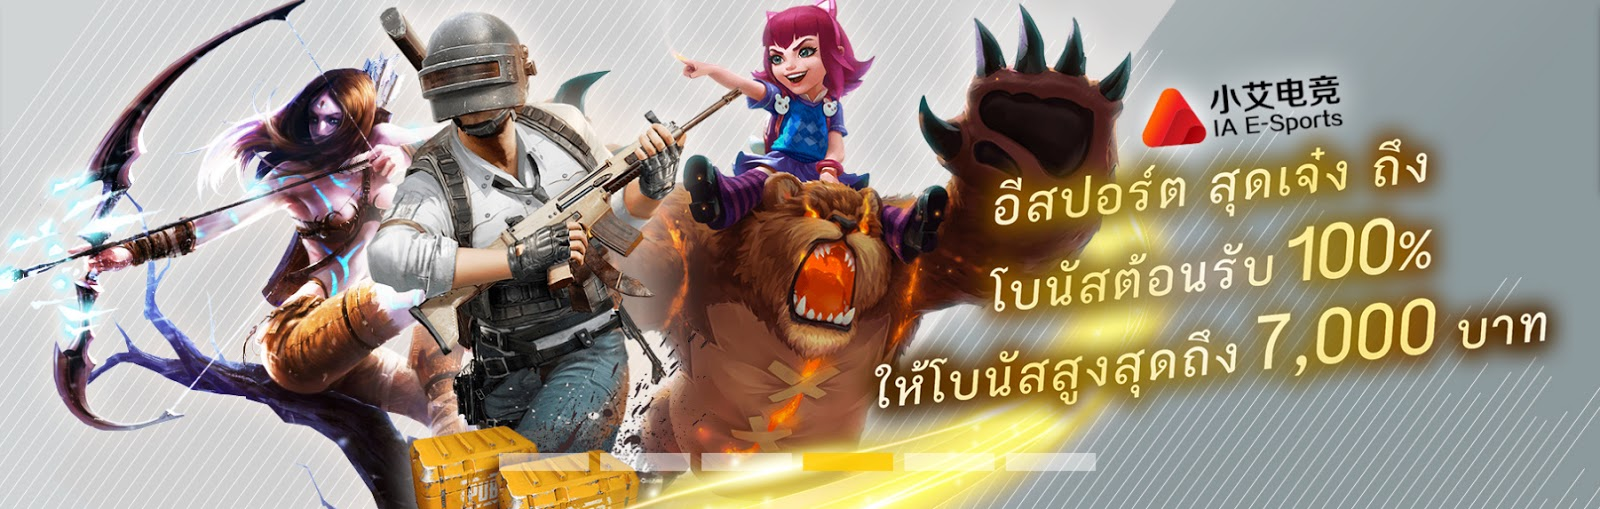 บาคาร่าออนไลน์ sbobet NOWBET sbobet-thailand เครดิตทดลองเล่นฟรี